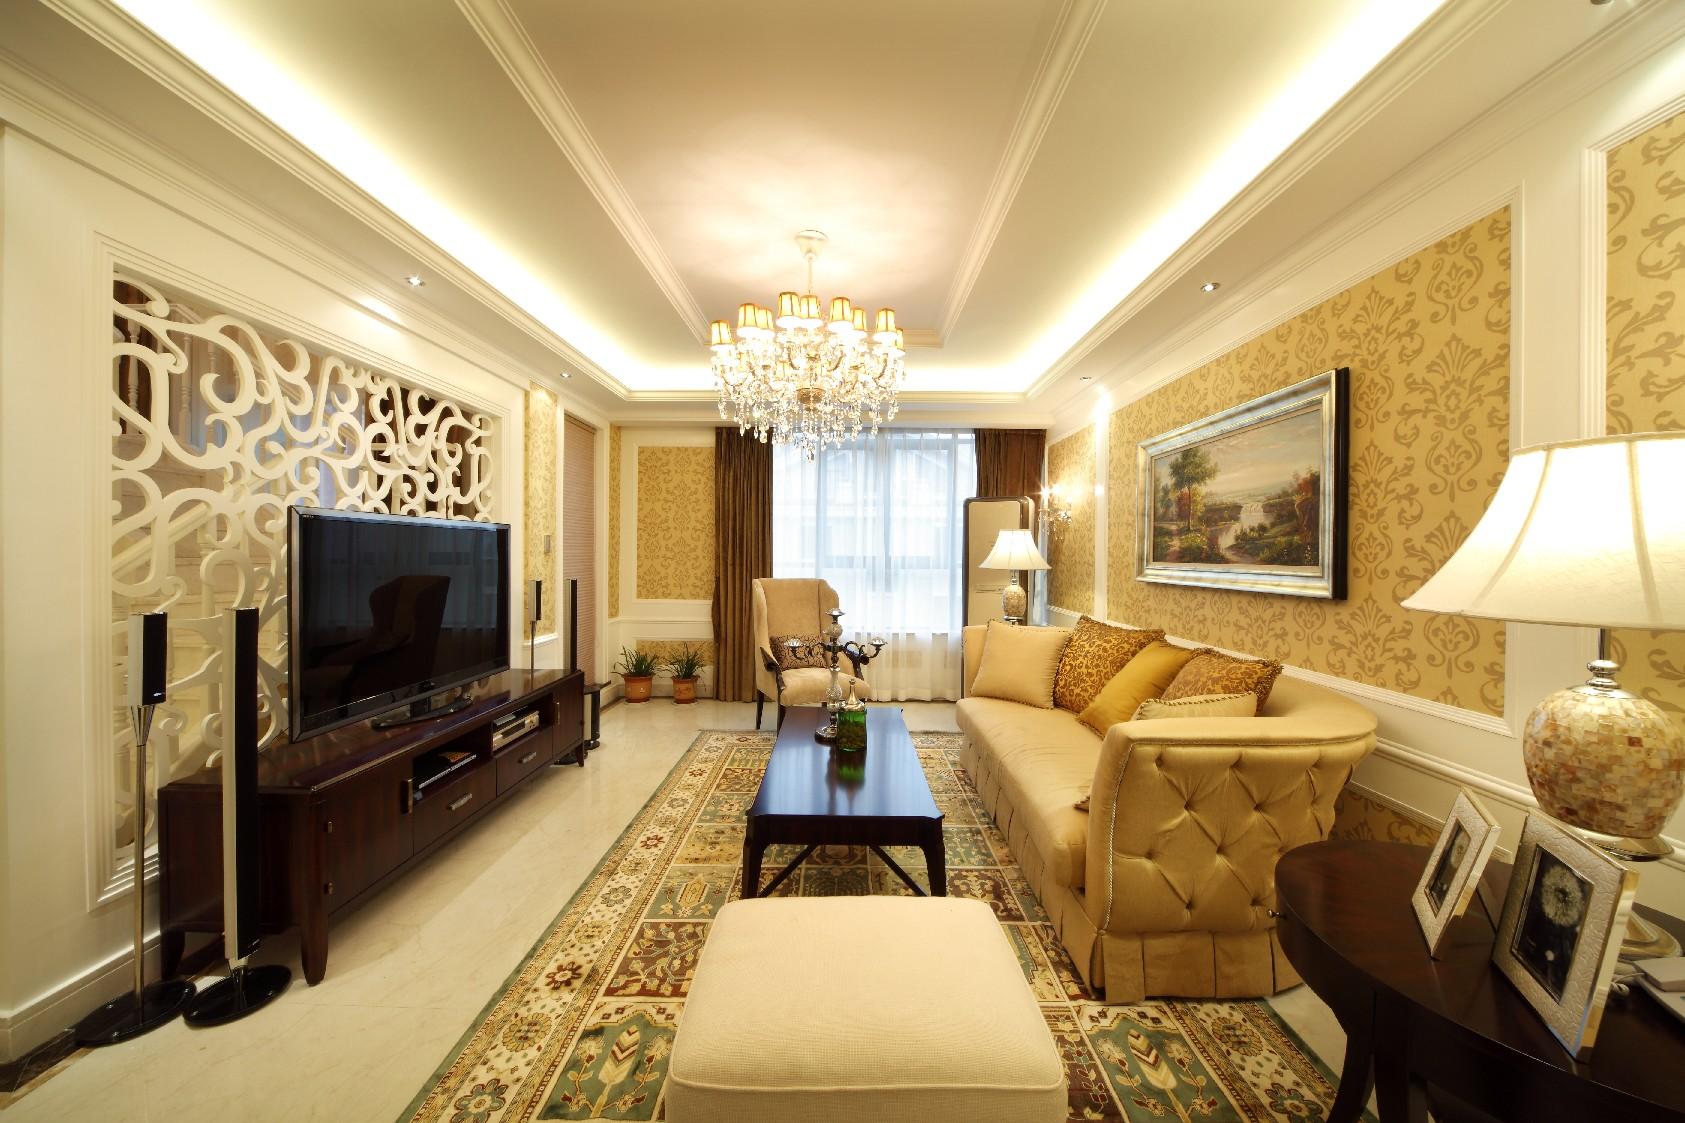 整个客厅的设计都是比较简单的,简洁的硬装和多彩的软装搭配出一个舒适的客厅空间